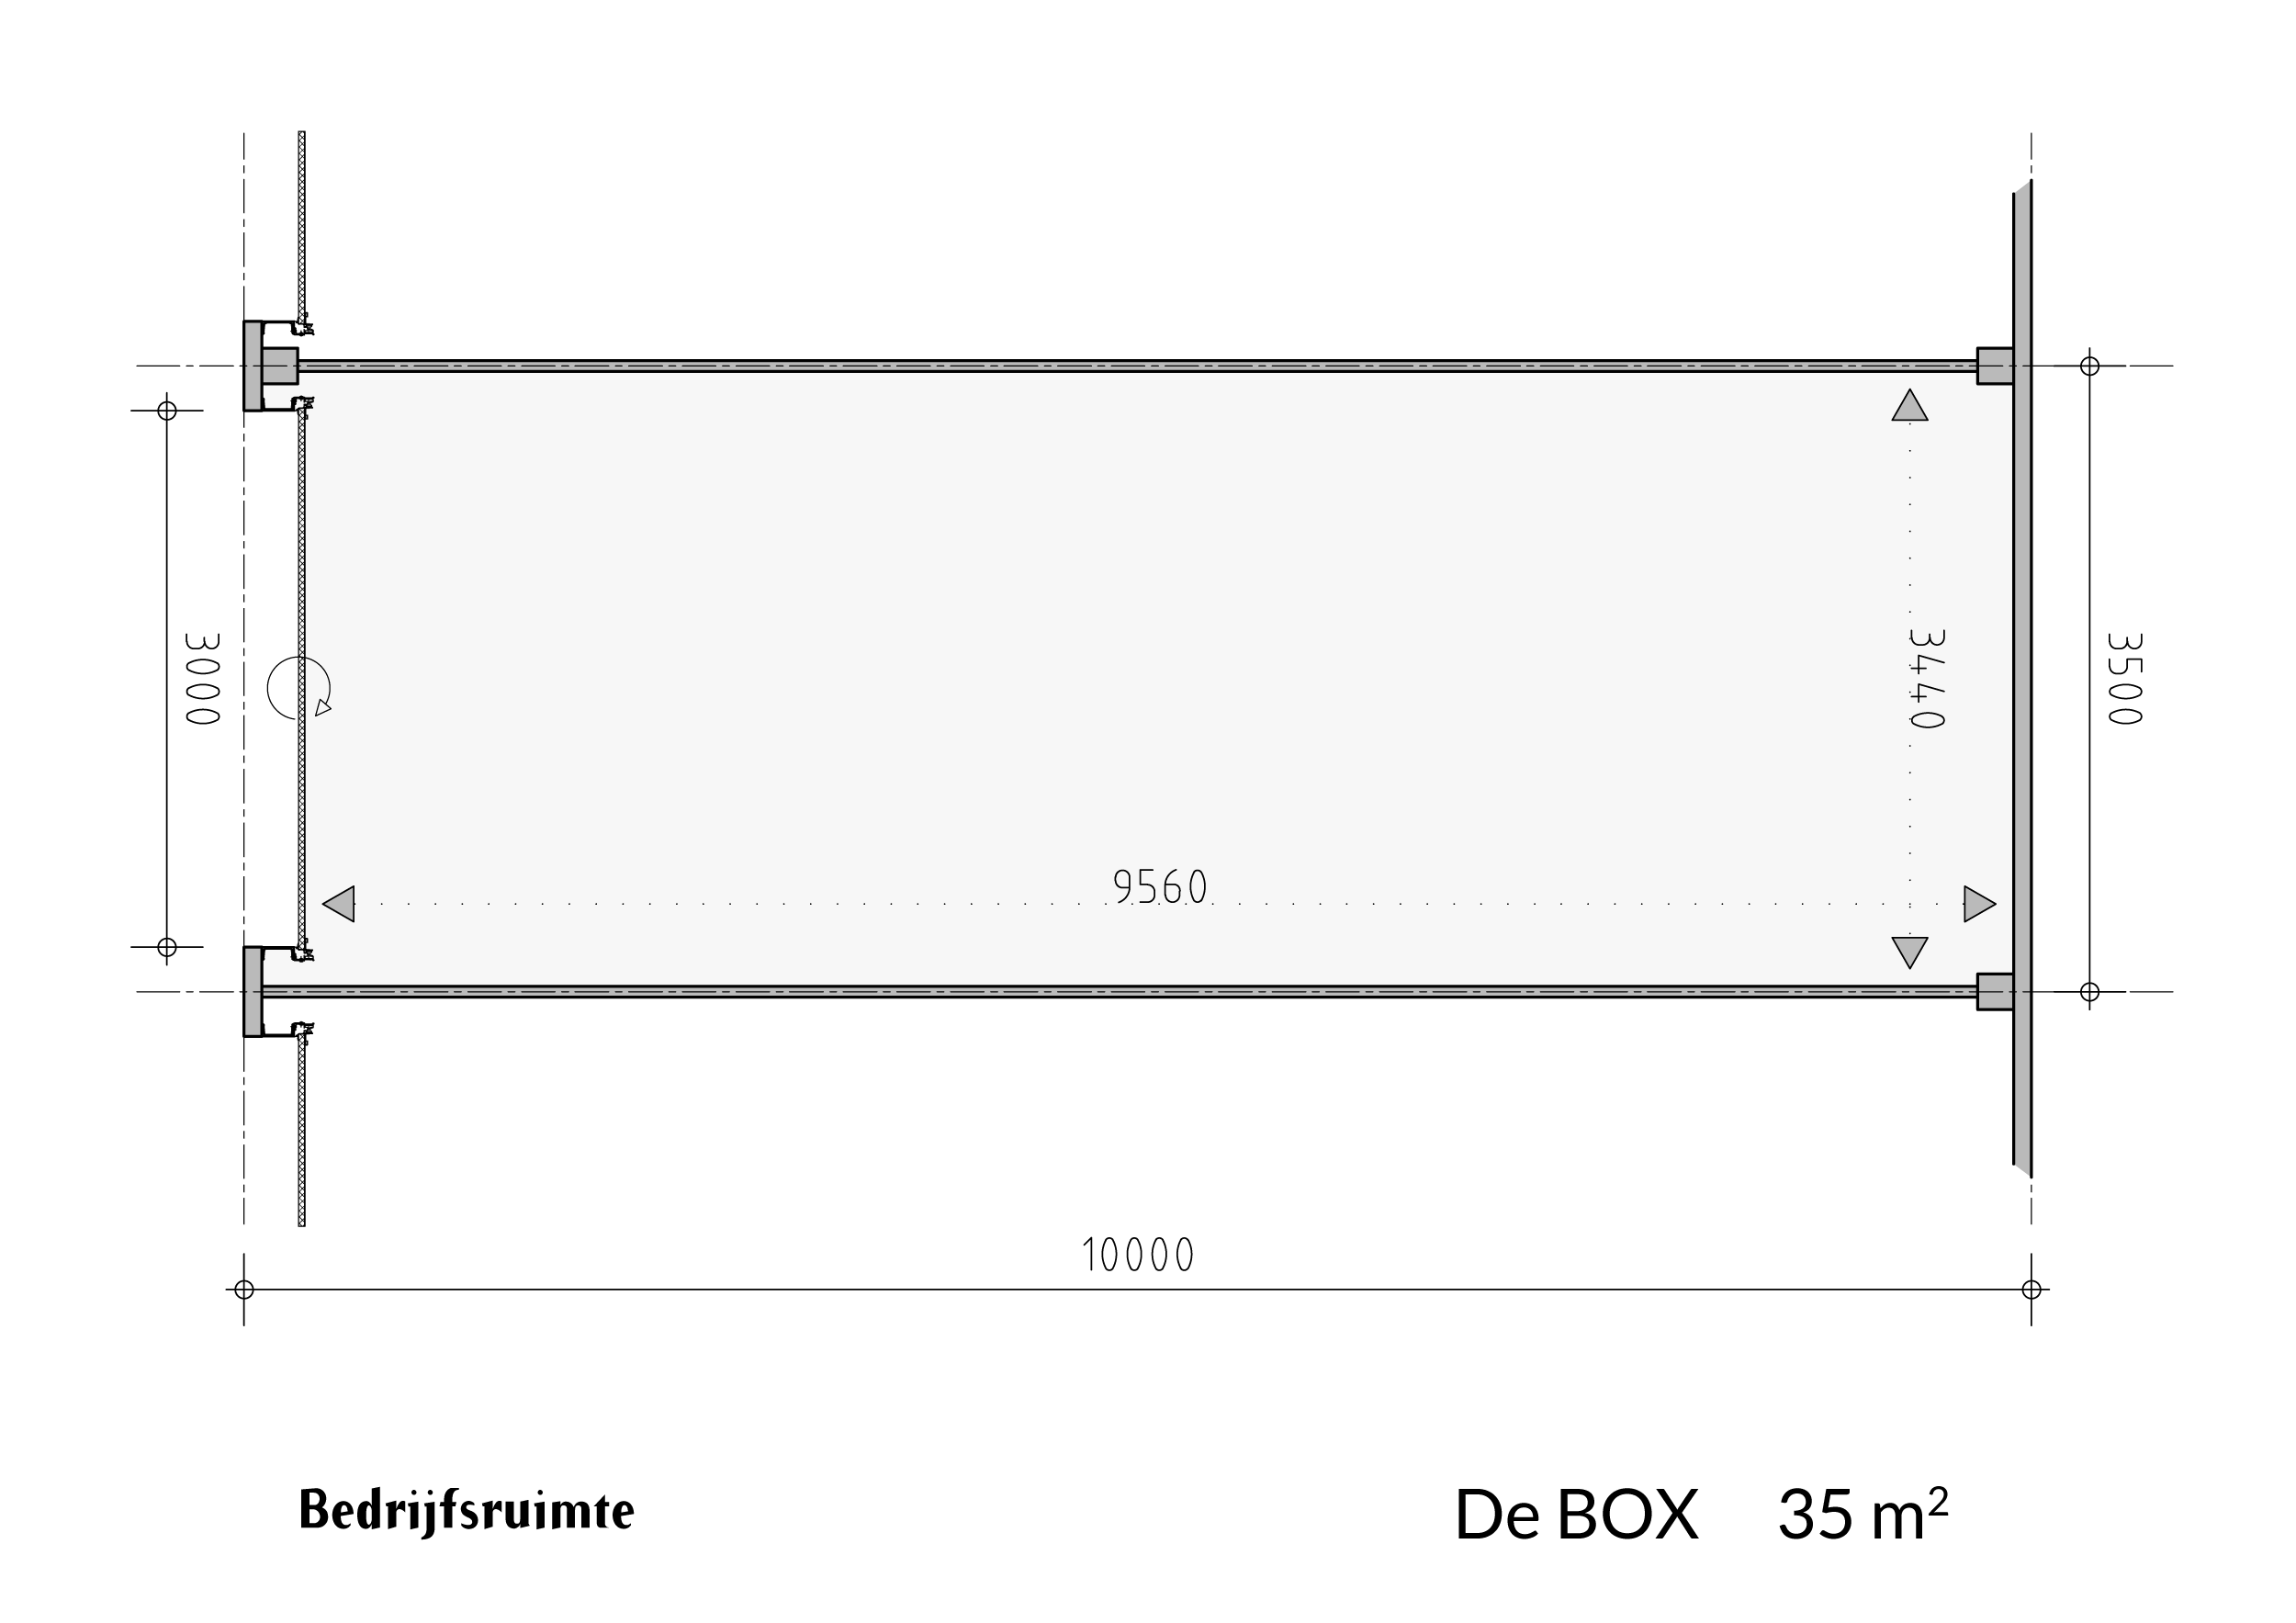 1908099 Plattegronden Verkoop 35mtr NL liggend